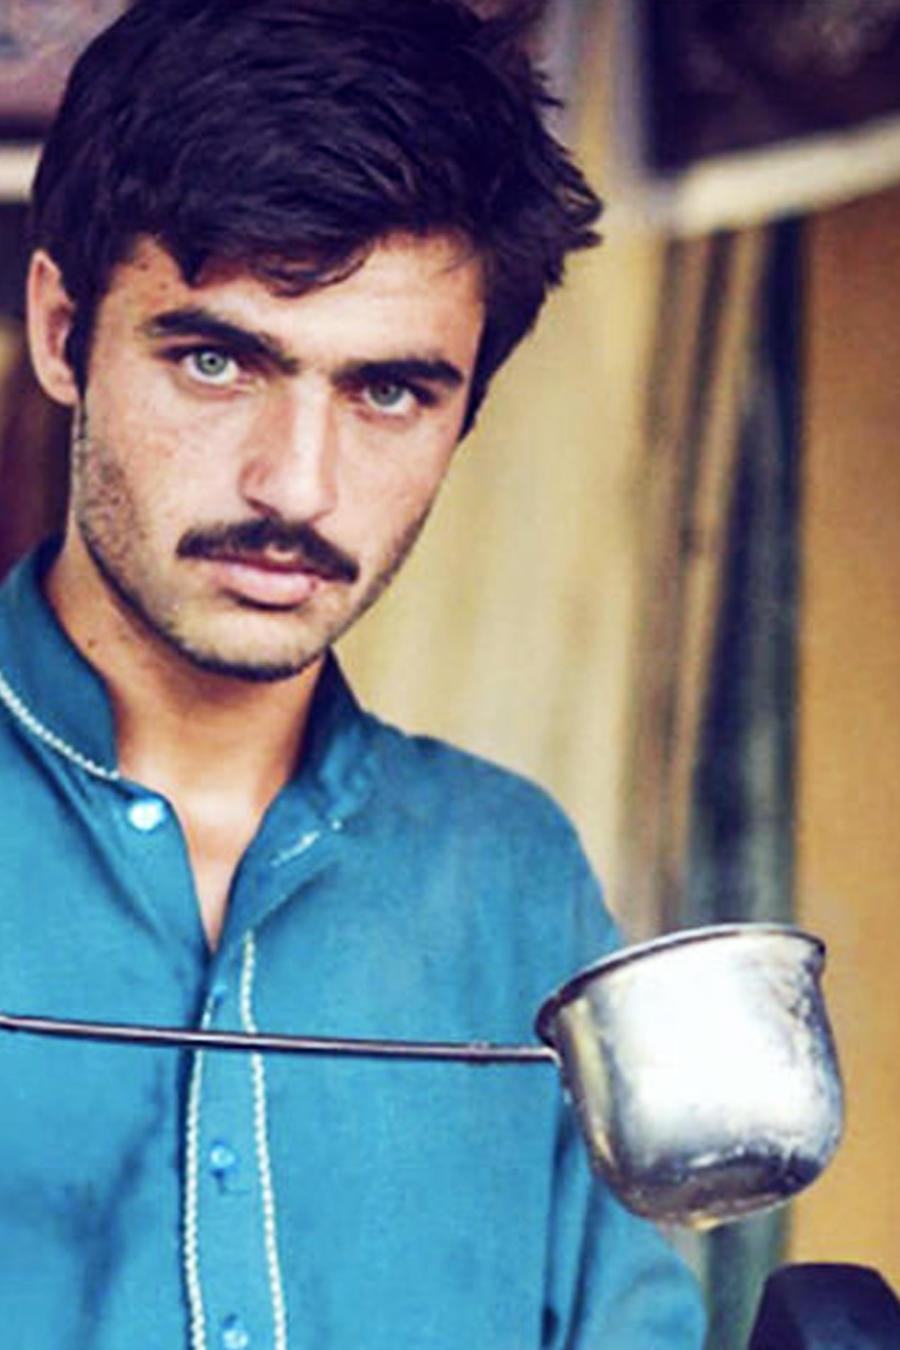 Vendedor de té de Paquistán